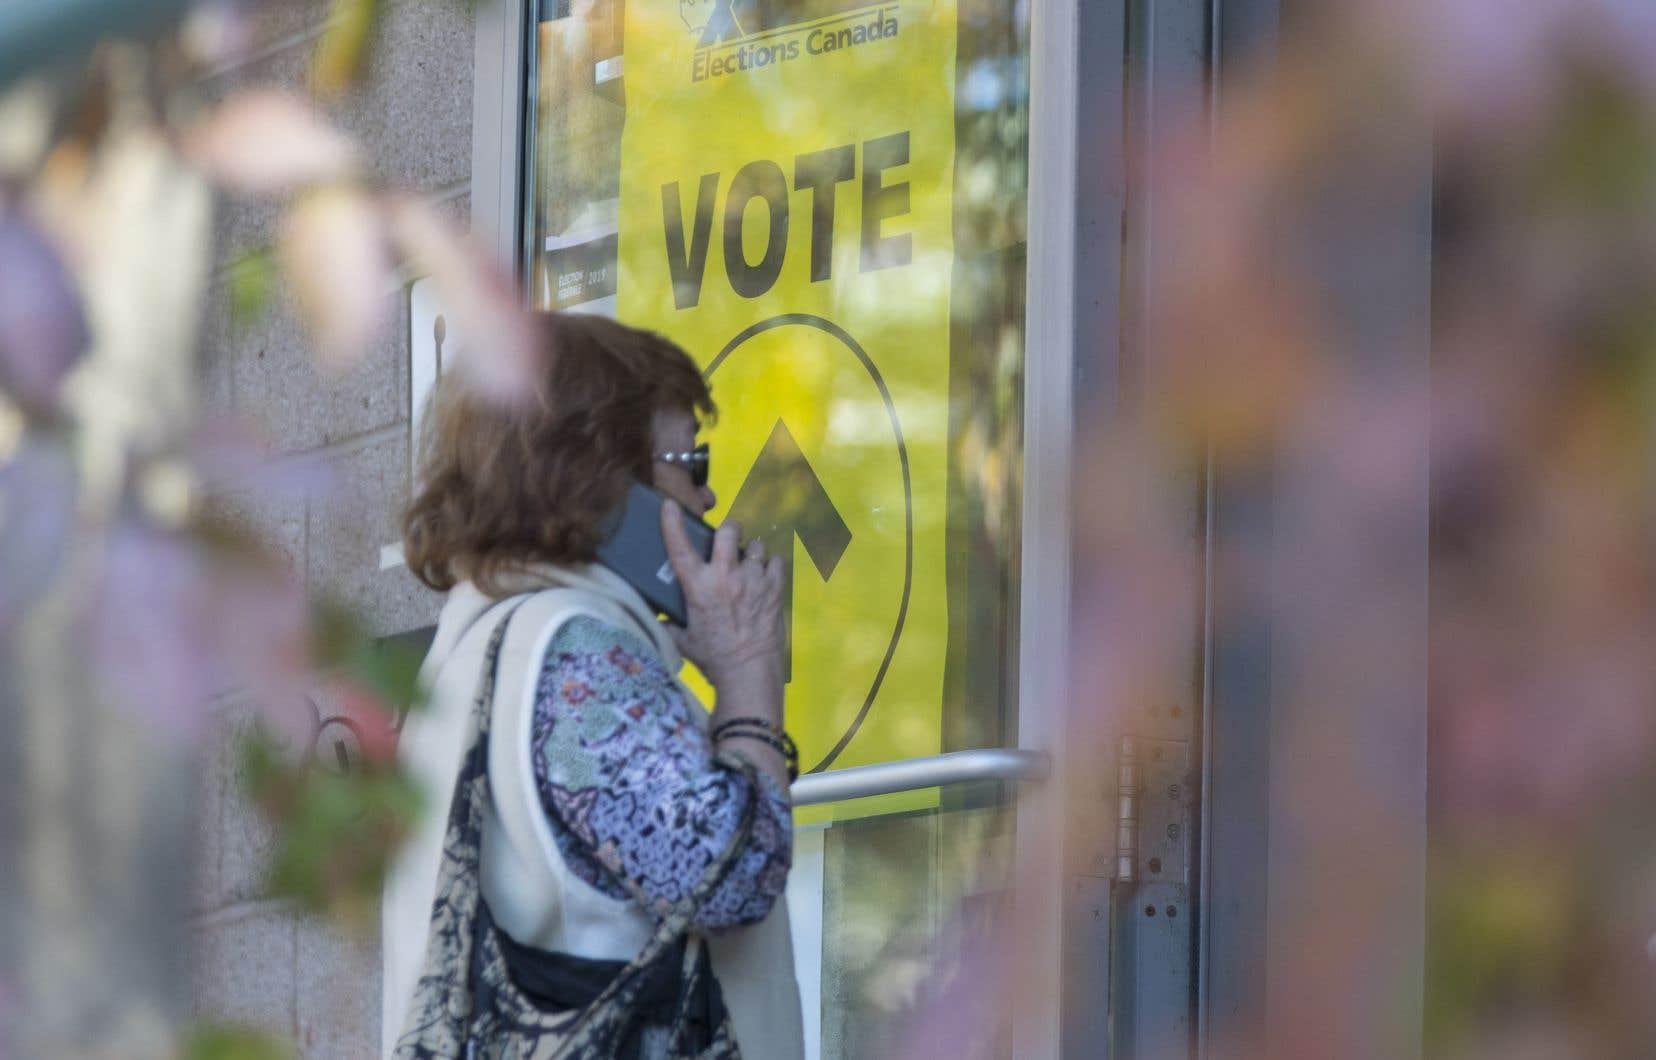 La pénurie de personnel dans les bureaux de scrutins inquiète Élection Canada. L'organisme indépendant n'a comblé que 58% de ses besoins de main-d'œuvre en vue du jour J.